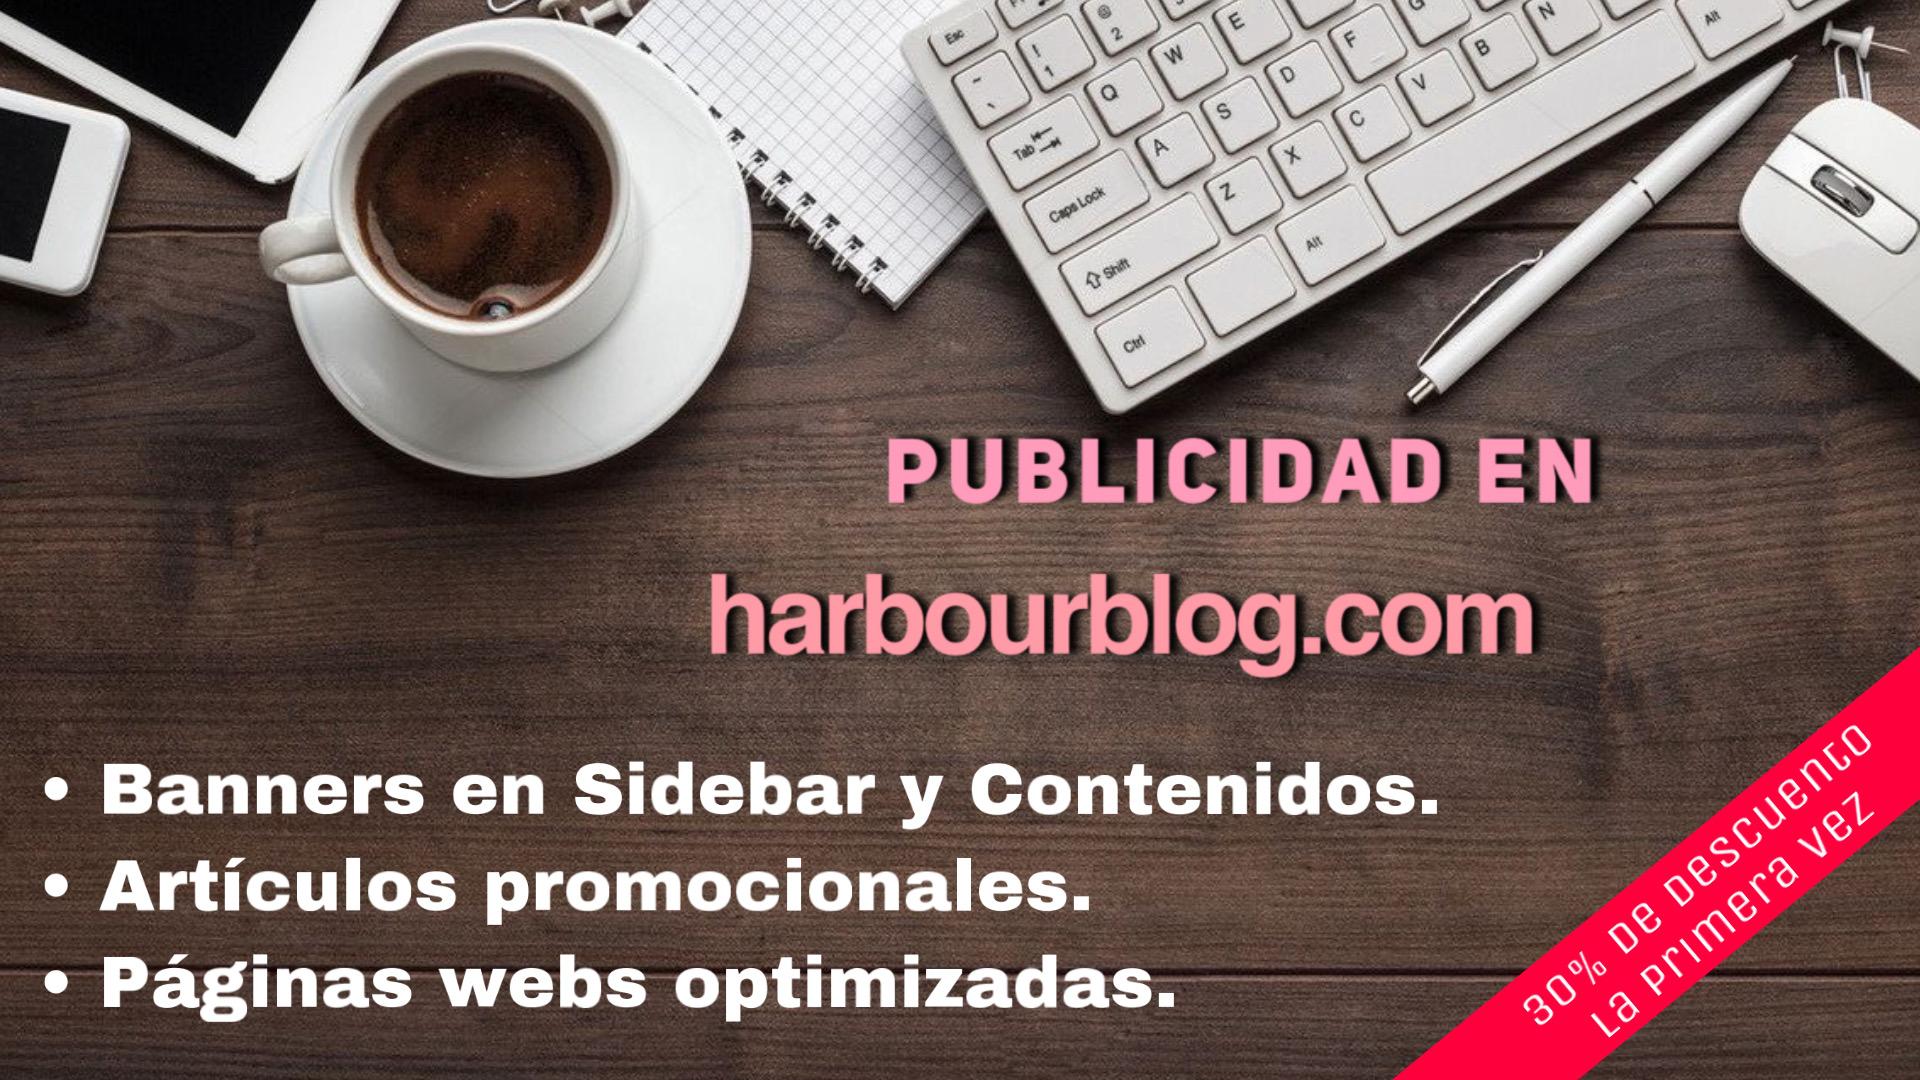 ¿Quieres anunciarte en nuestro sitio? | Publicidad